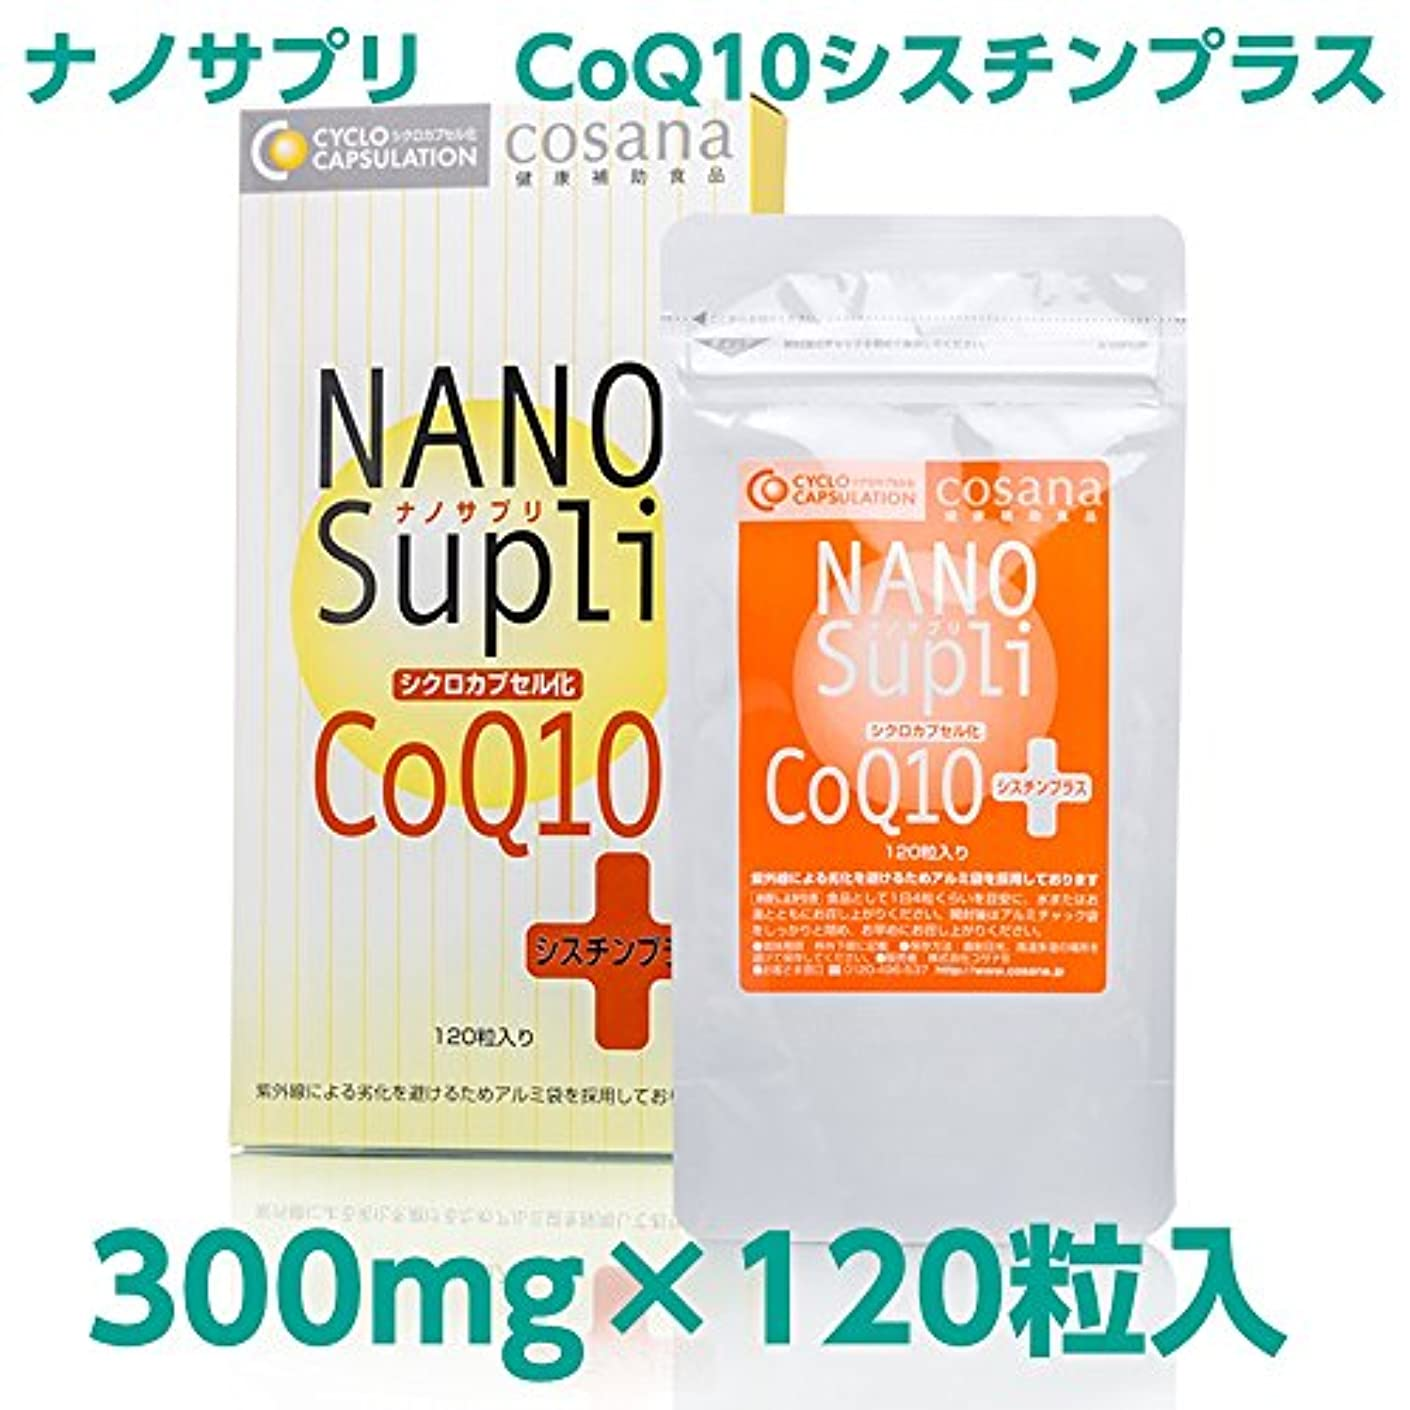 事業内容放散する昼間ナノサプリシクロカプセル化CoQ10 シスチンプラス